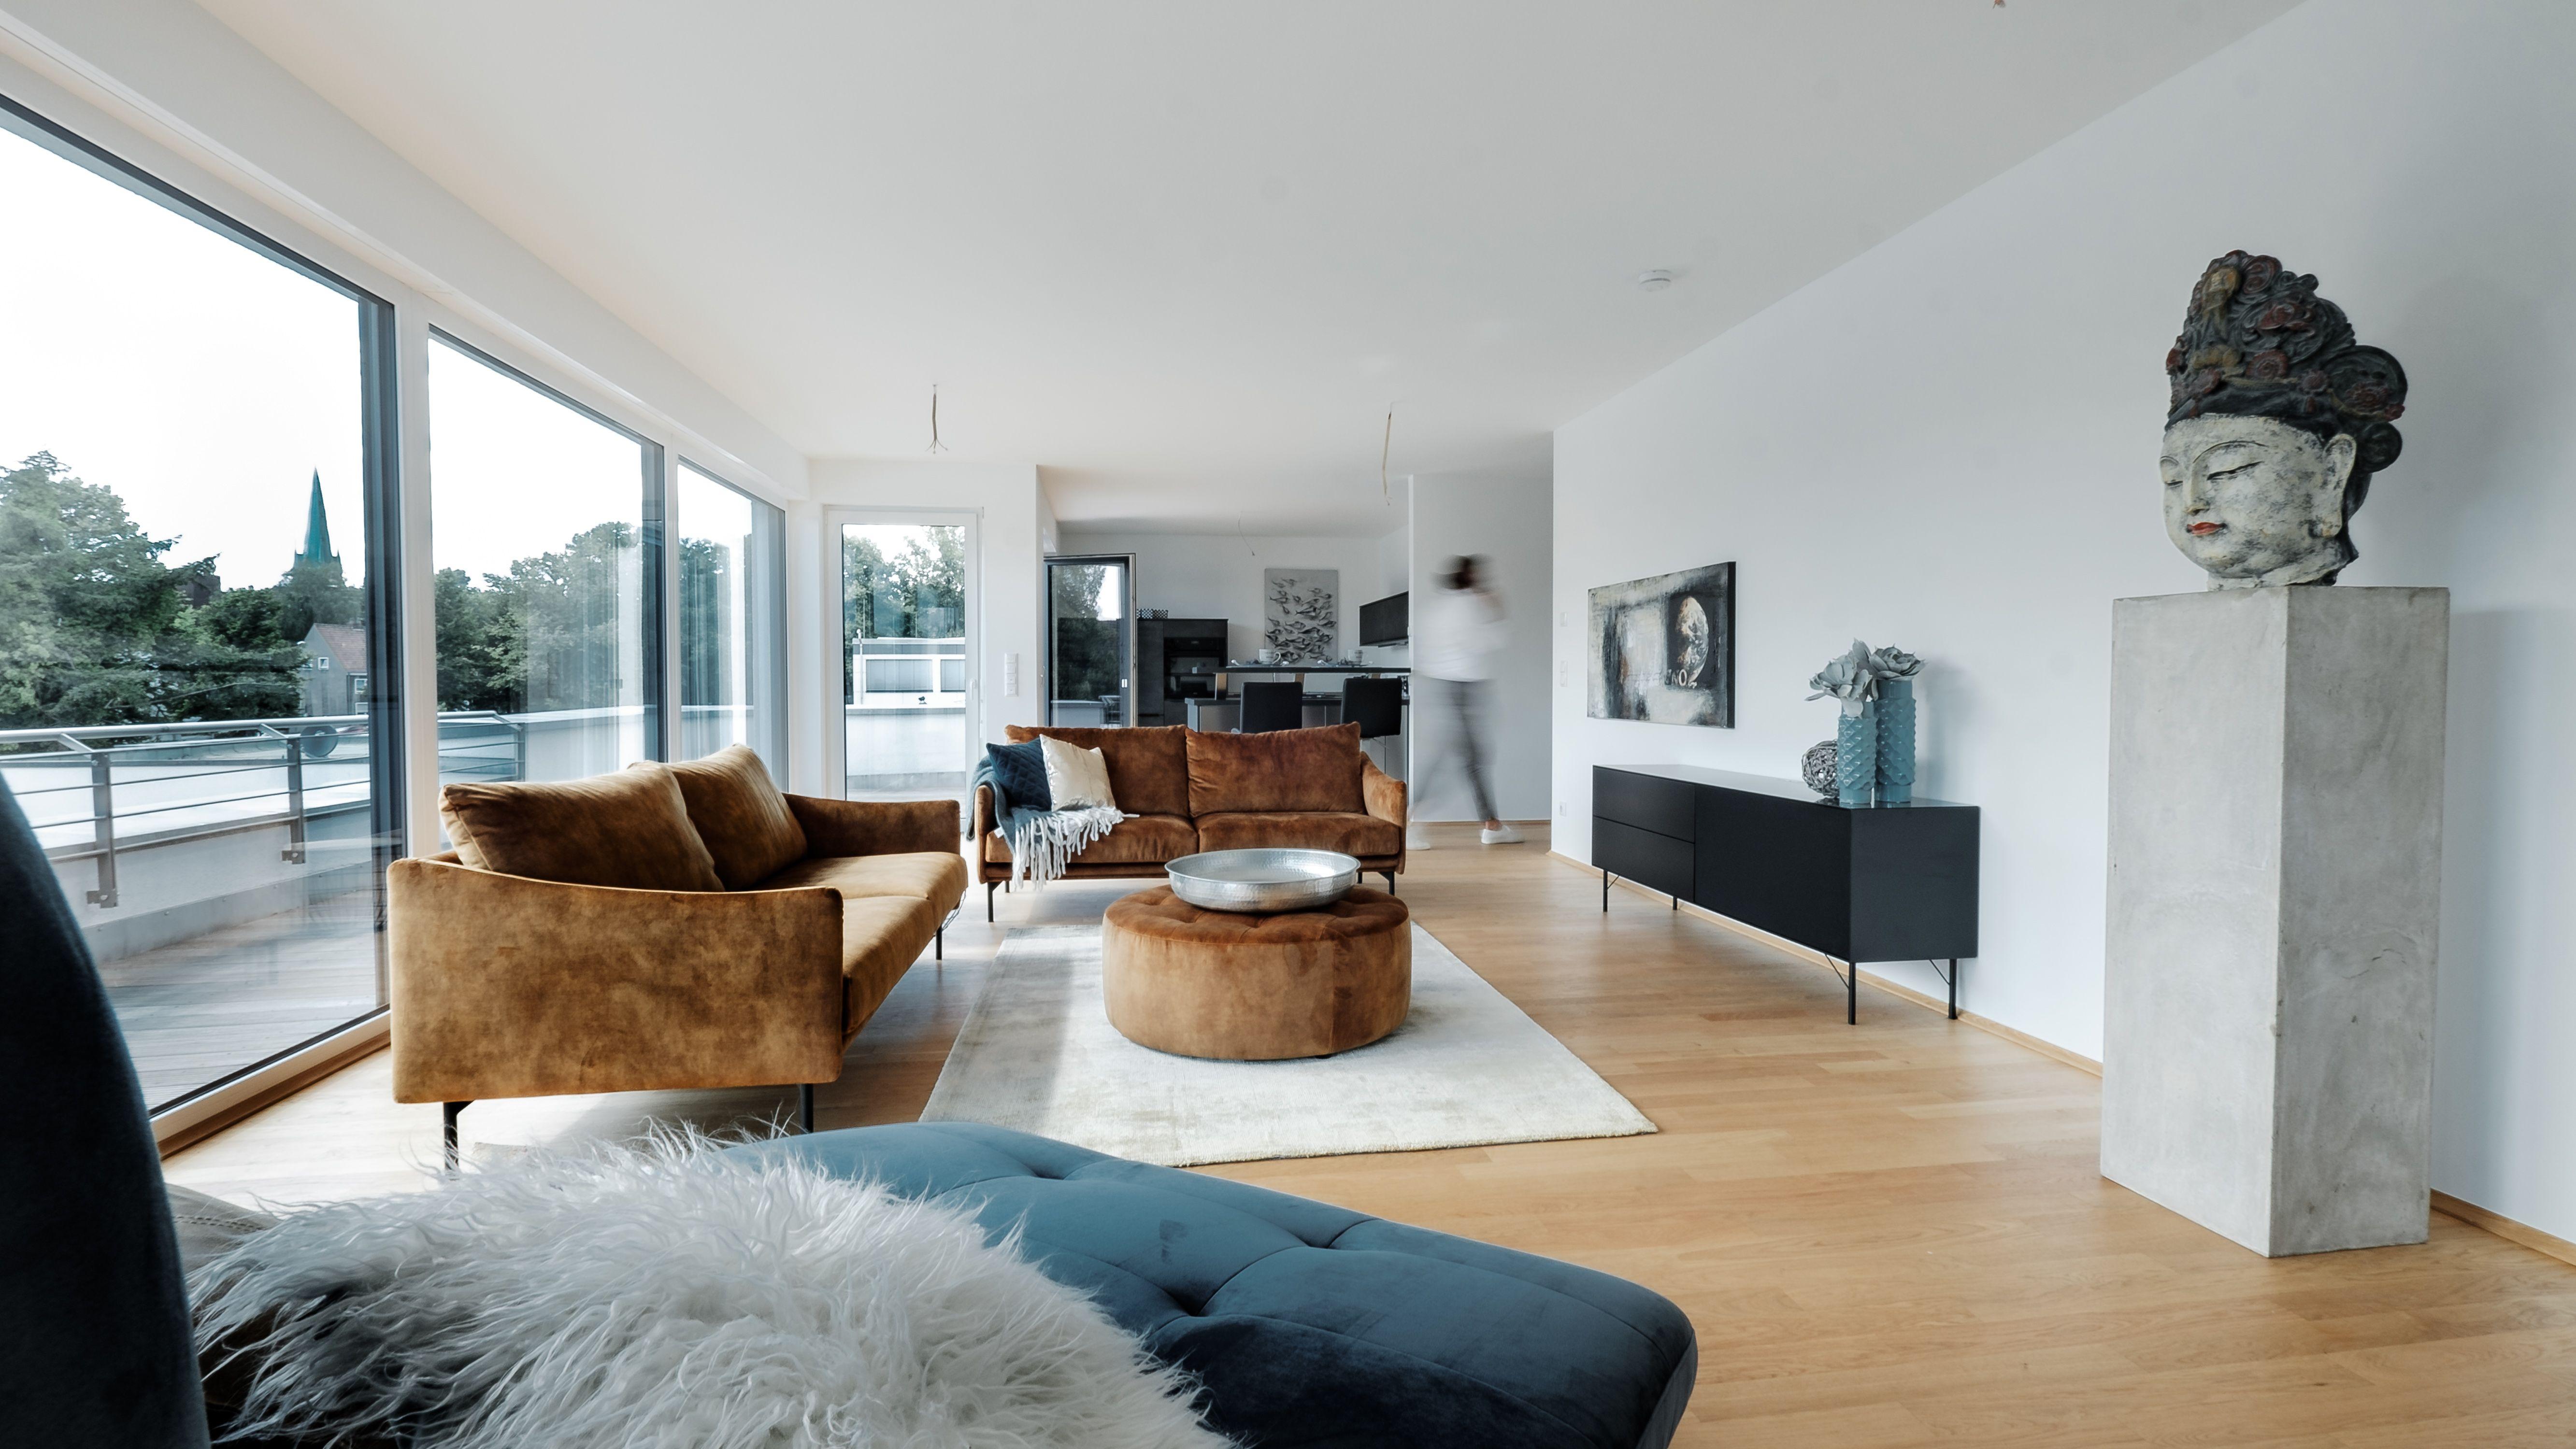 Immobilien Wohntraume Einrichtungsideen Deinzuhause Gemeinsam Zuhause Ankommen Volksbank Immobilien Wohnen Haus Deko Zuhause